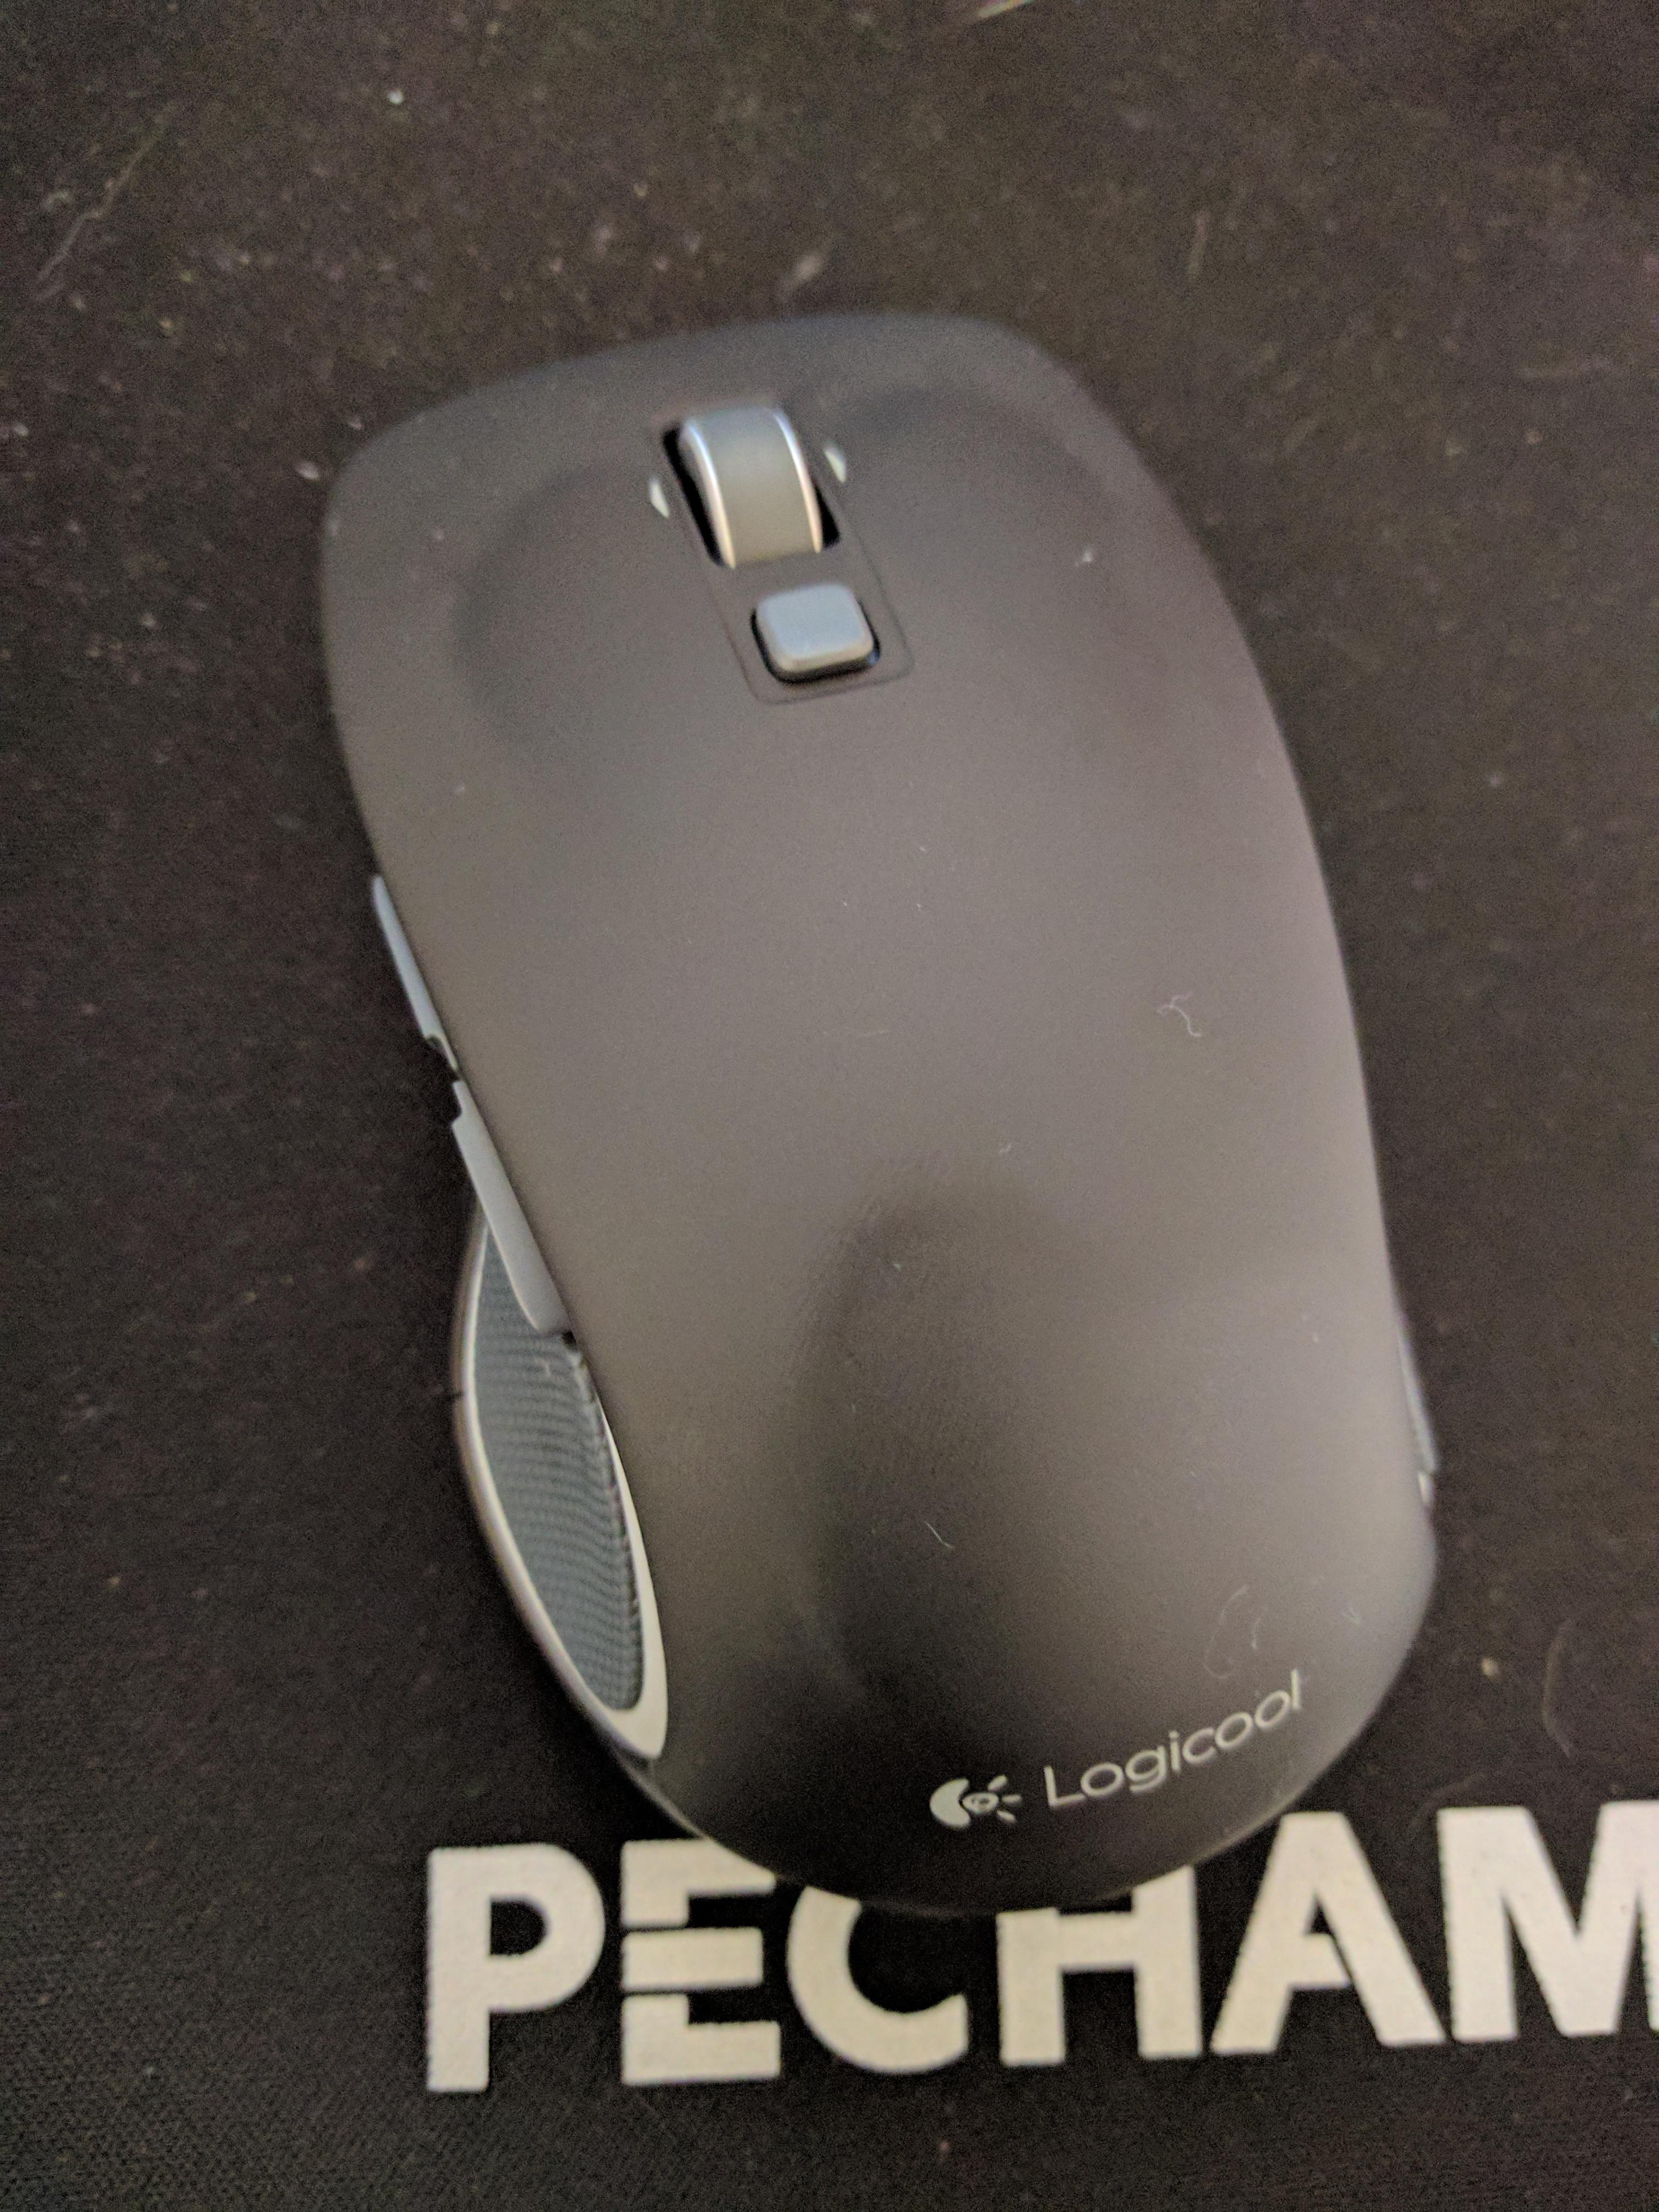 Logicool M560は安価だけど多機能で便利なワイヤレスマウス